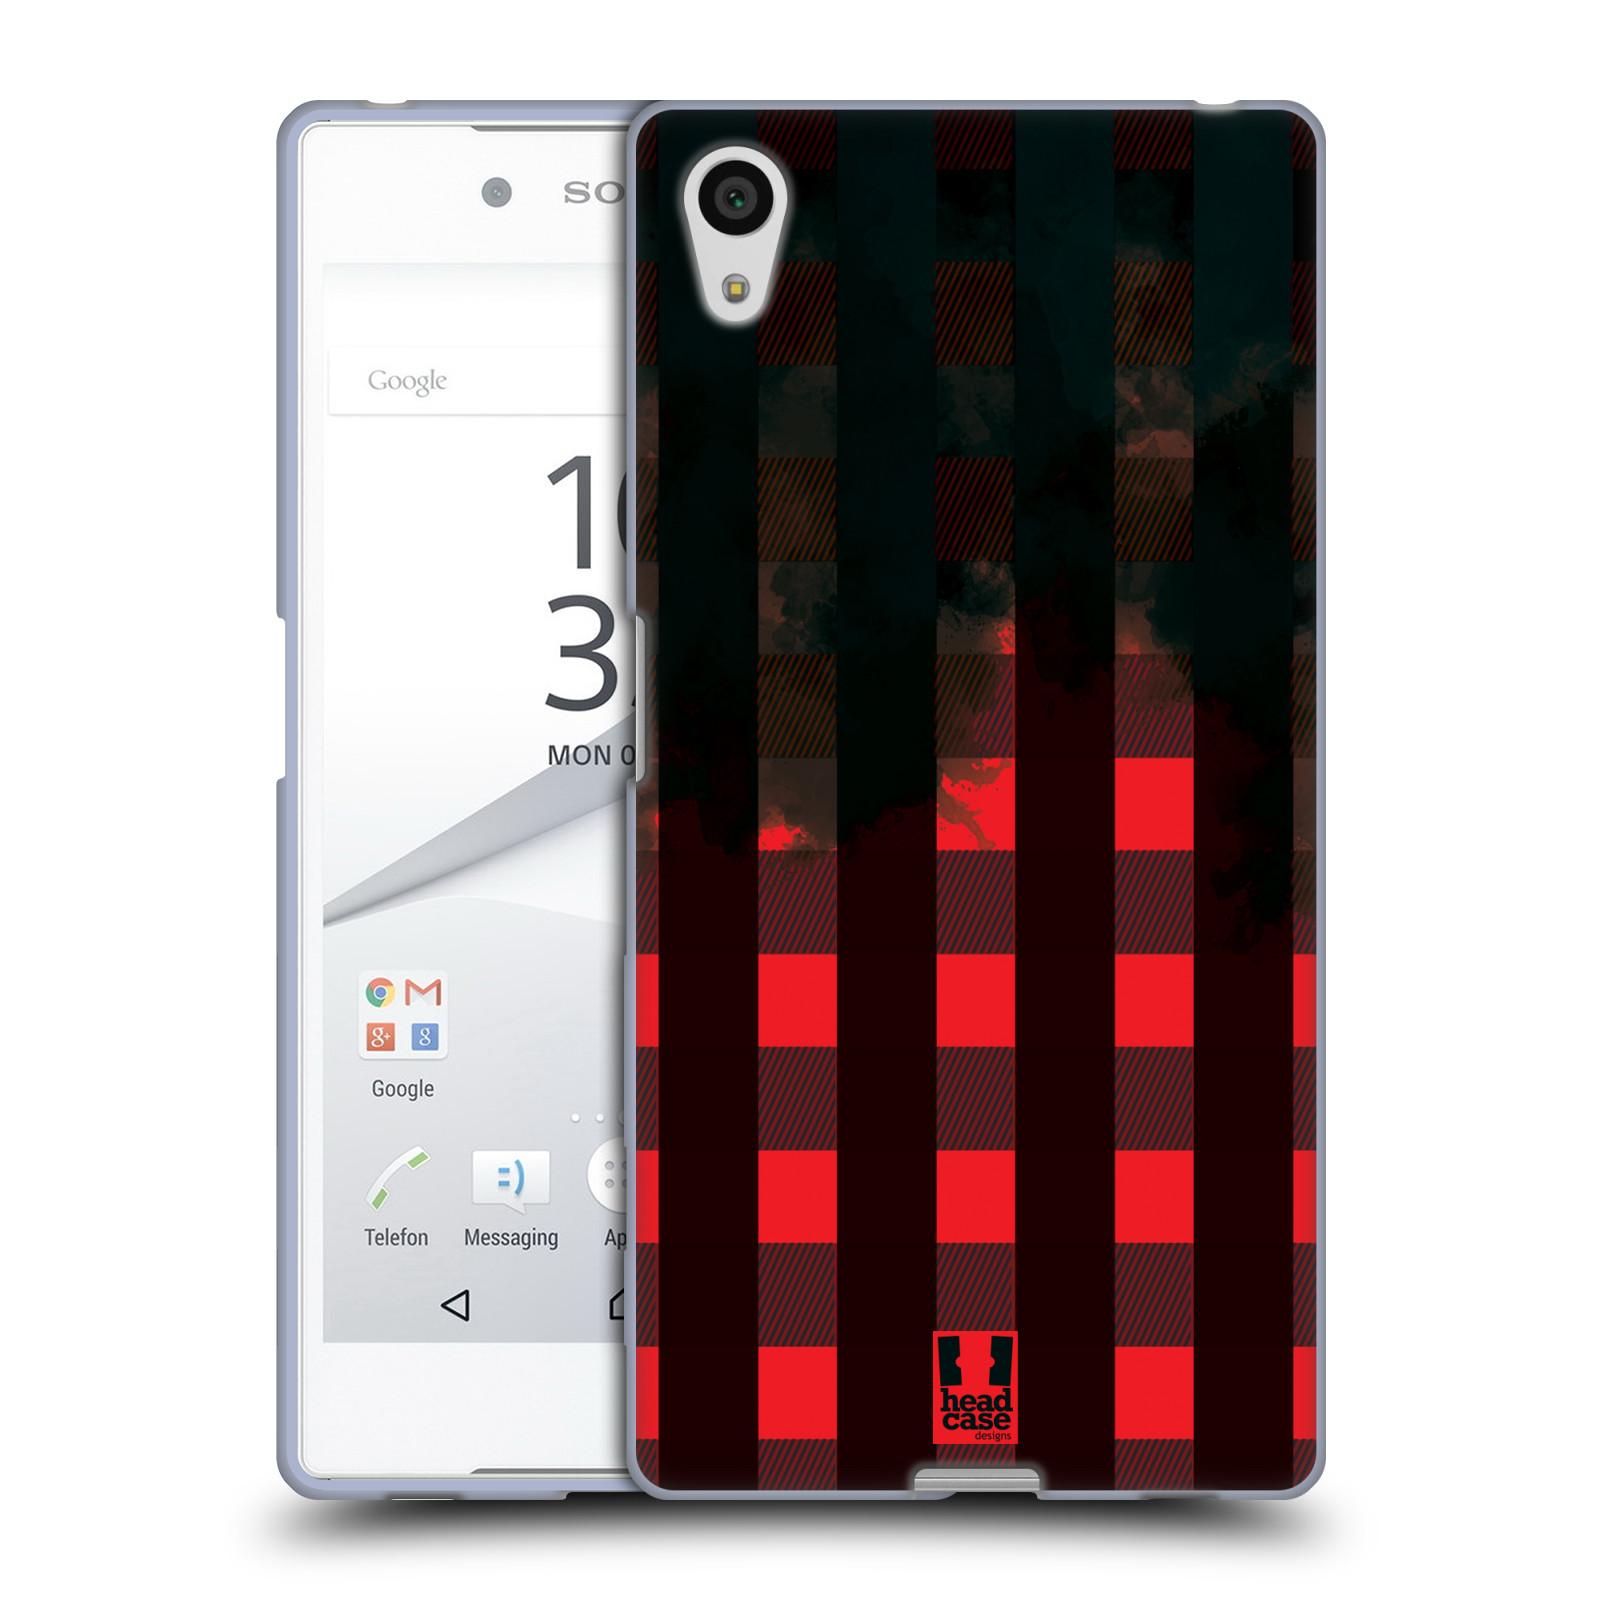 Silikonové pouzdro na mobil Sony Xperia Z5 HEAD CASE FLANEL RED BLACK (Silikonový kryt či obal na mobilní telefon Sony Xperia Z5 E6653)